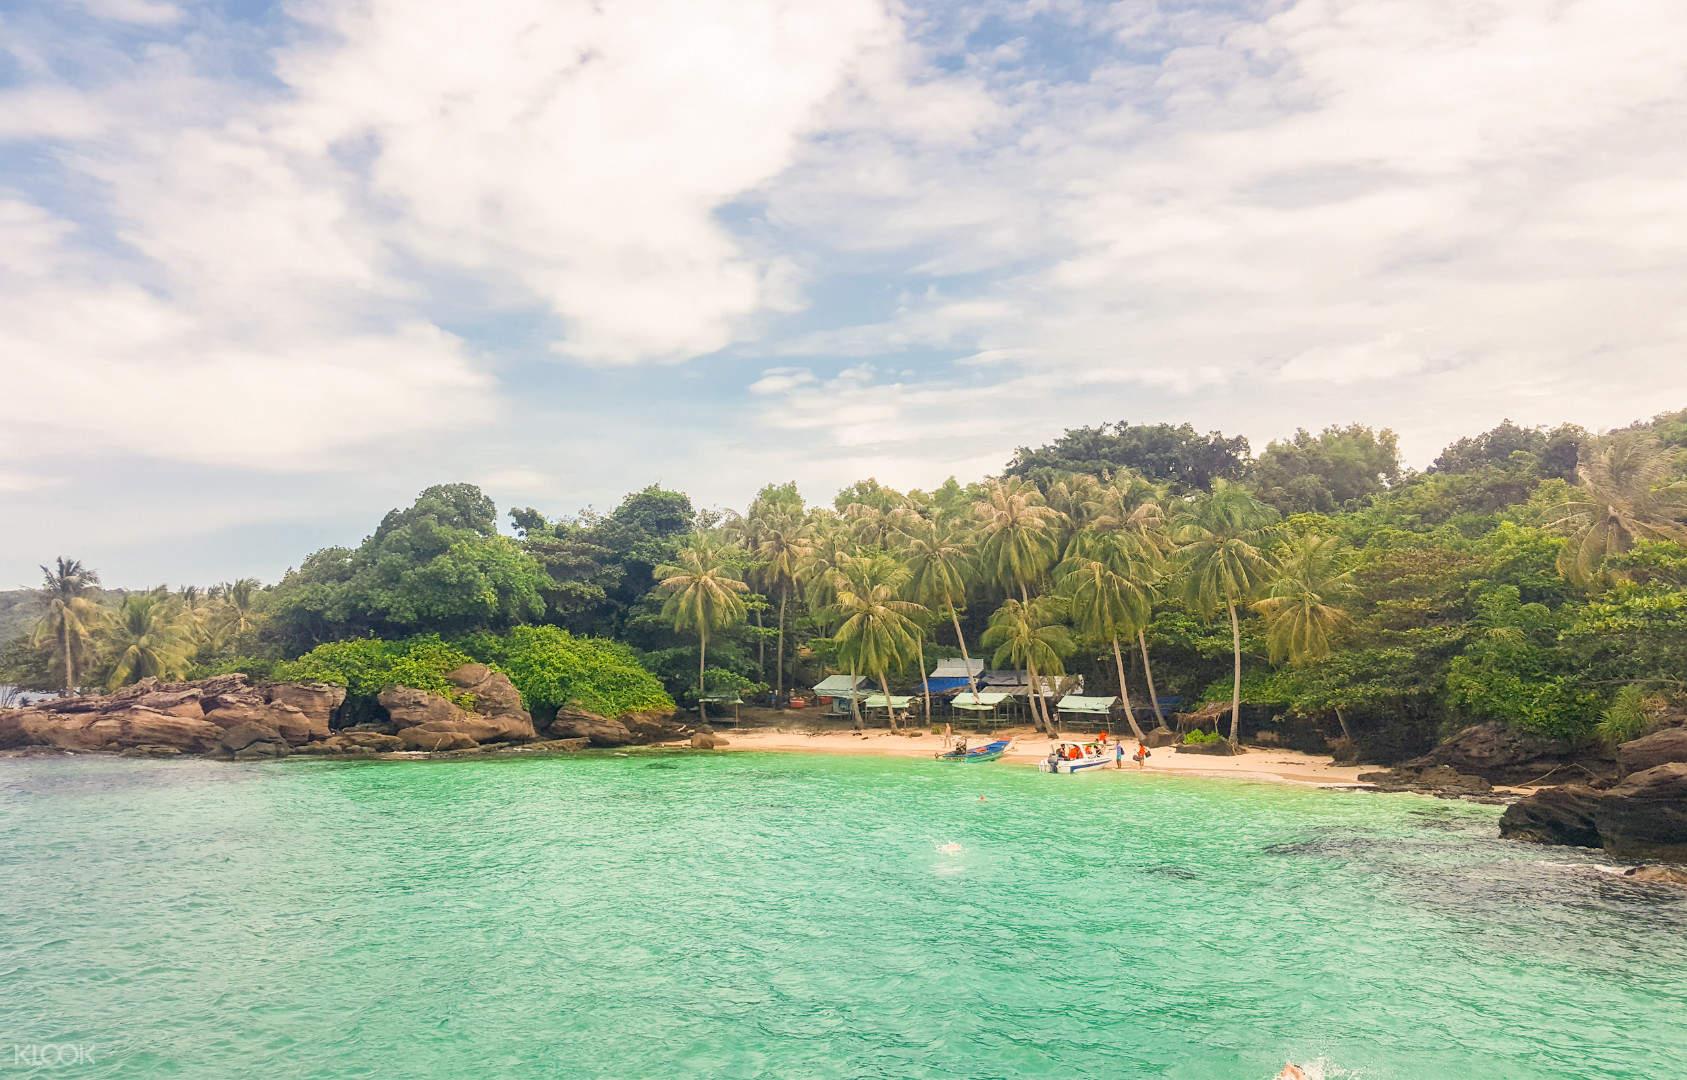 Please tour dành cho bạn trẻ khám phá đảo Ngọc